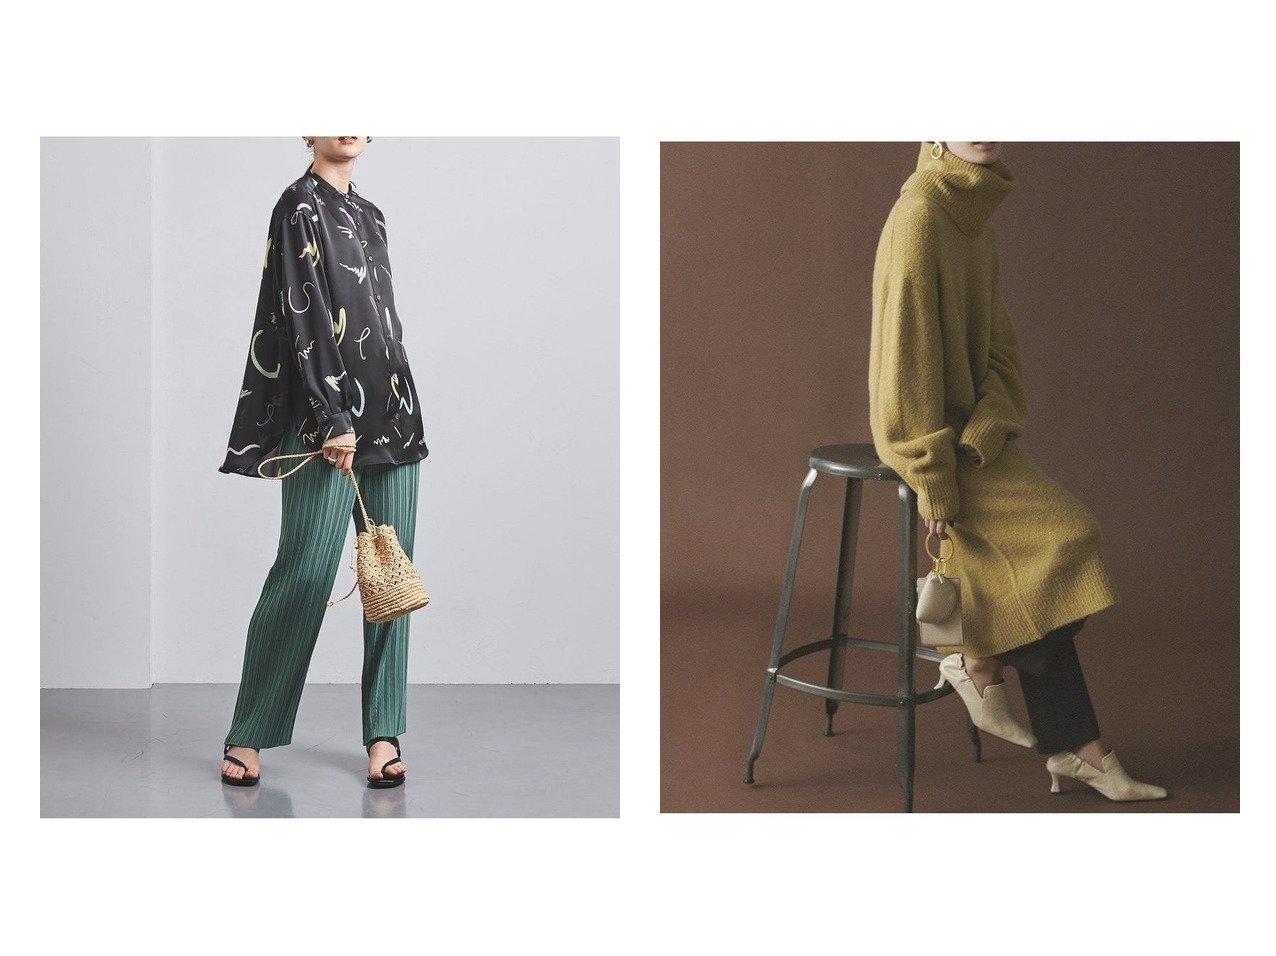 【Mila Owen/ミラオーウェン】のスヌード付き後ろスリットロングニット&【UNITED ARROWS/ユナイテッドアローズ】のUWMSC ペイントプリント シャツ† トップス・カットソーのおすすめ!人気、トレンド・レディースファッションの通販  おすすめで人気の流行・トレンド、ファッションの通販商品 メンズファッション・キッズファッション・インテリア・家具・レディースファッション・服の通販 founy(ファニー) https://founy.com/ ファッション Fashion レディースファッション WOMEN トップス Tops Tshirt シャツ/ブラウス Shirts Blouses ニット Knit Tops NEW・新作・新着・新入荷 New Arrivals インナー サロペット プリント 再入荷 Restock/Back in Stock/Re Arrival 長袖 12月号 スヌード スリット タートルネック ボトム ロング ワイド  ID:crp329100000010481